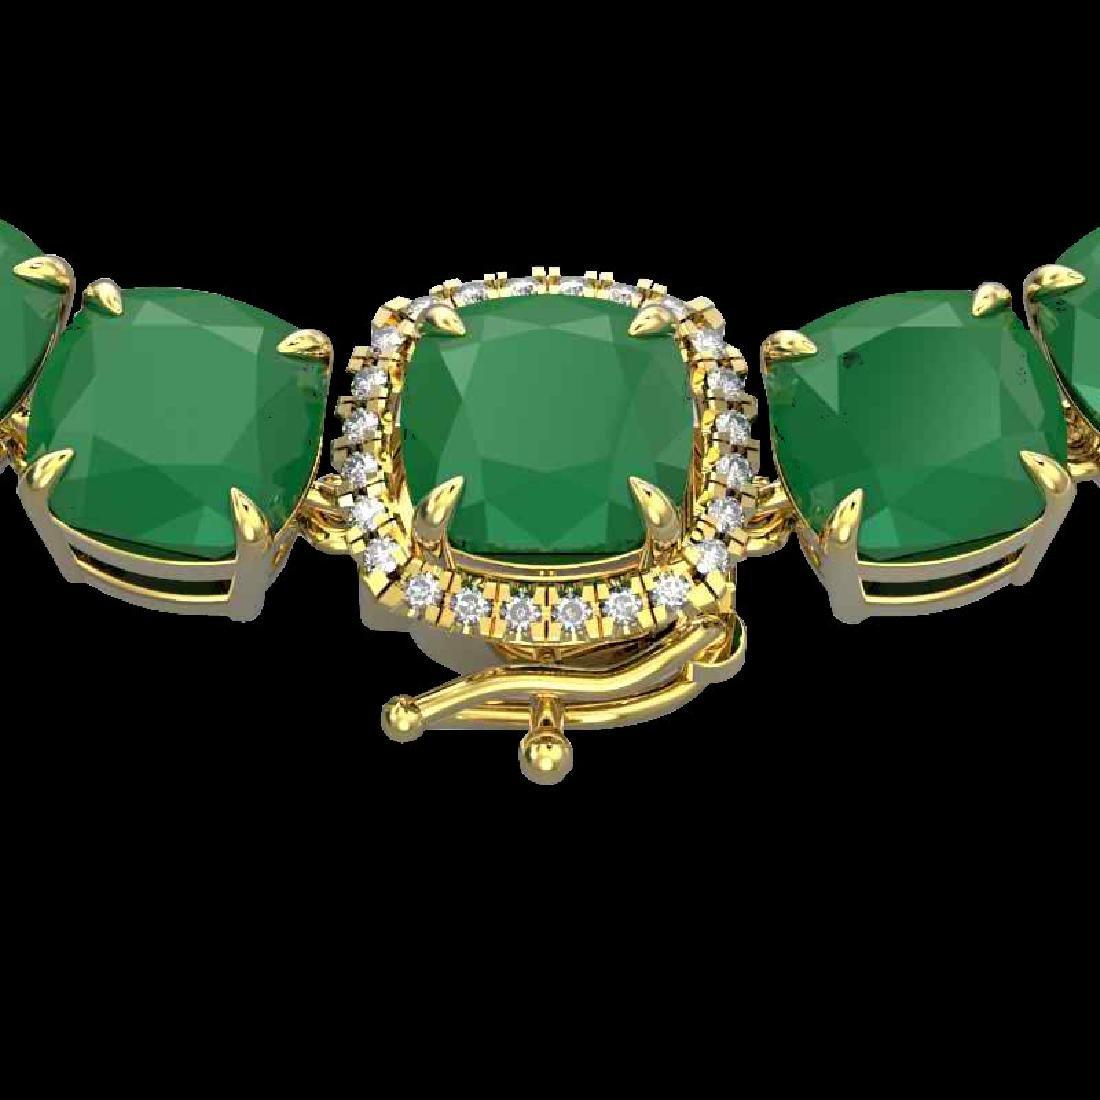 116 CTW Emerald & VS/SI Diamond Halo Micro Solitaire